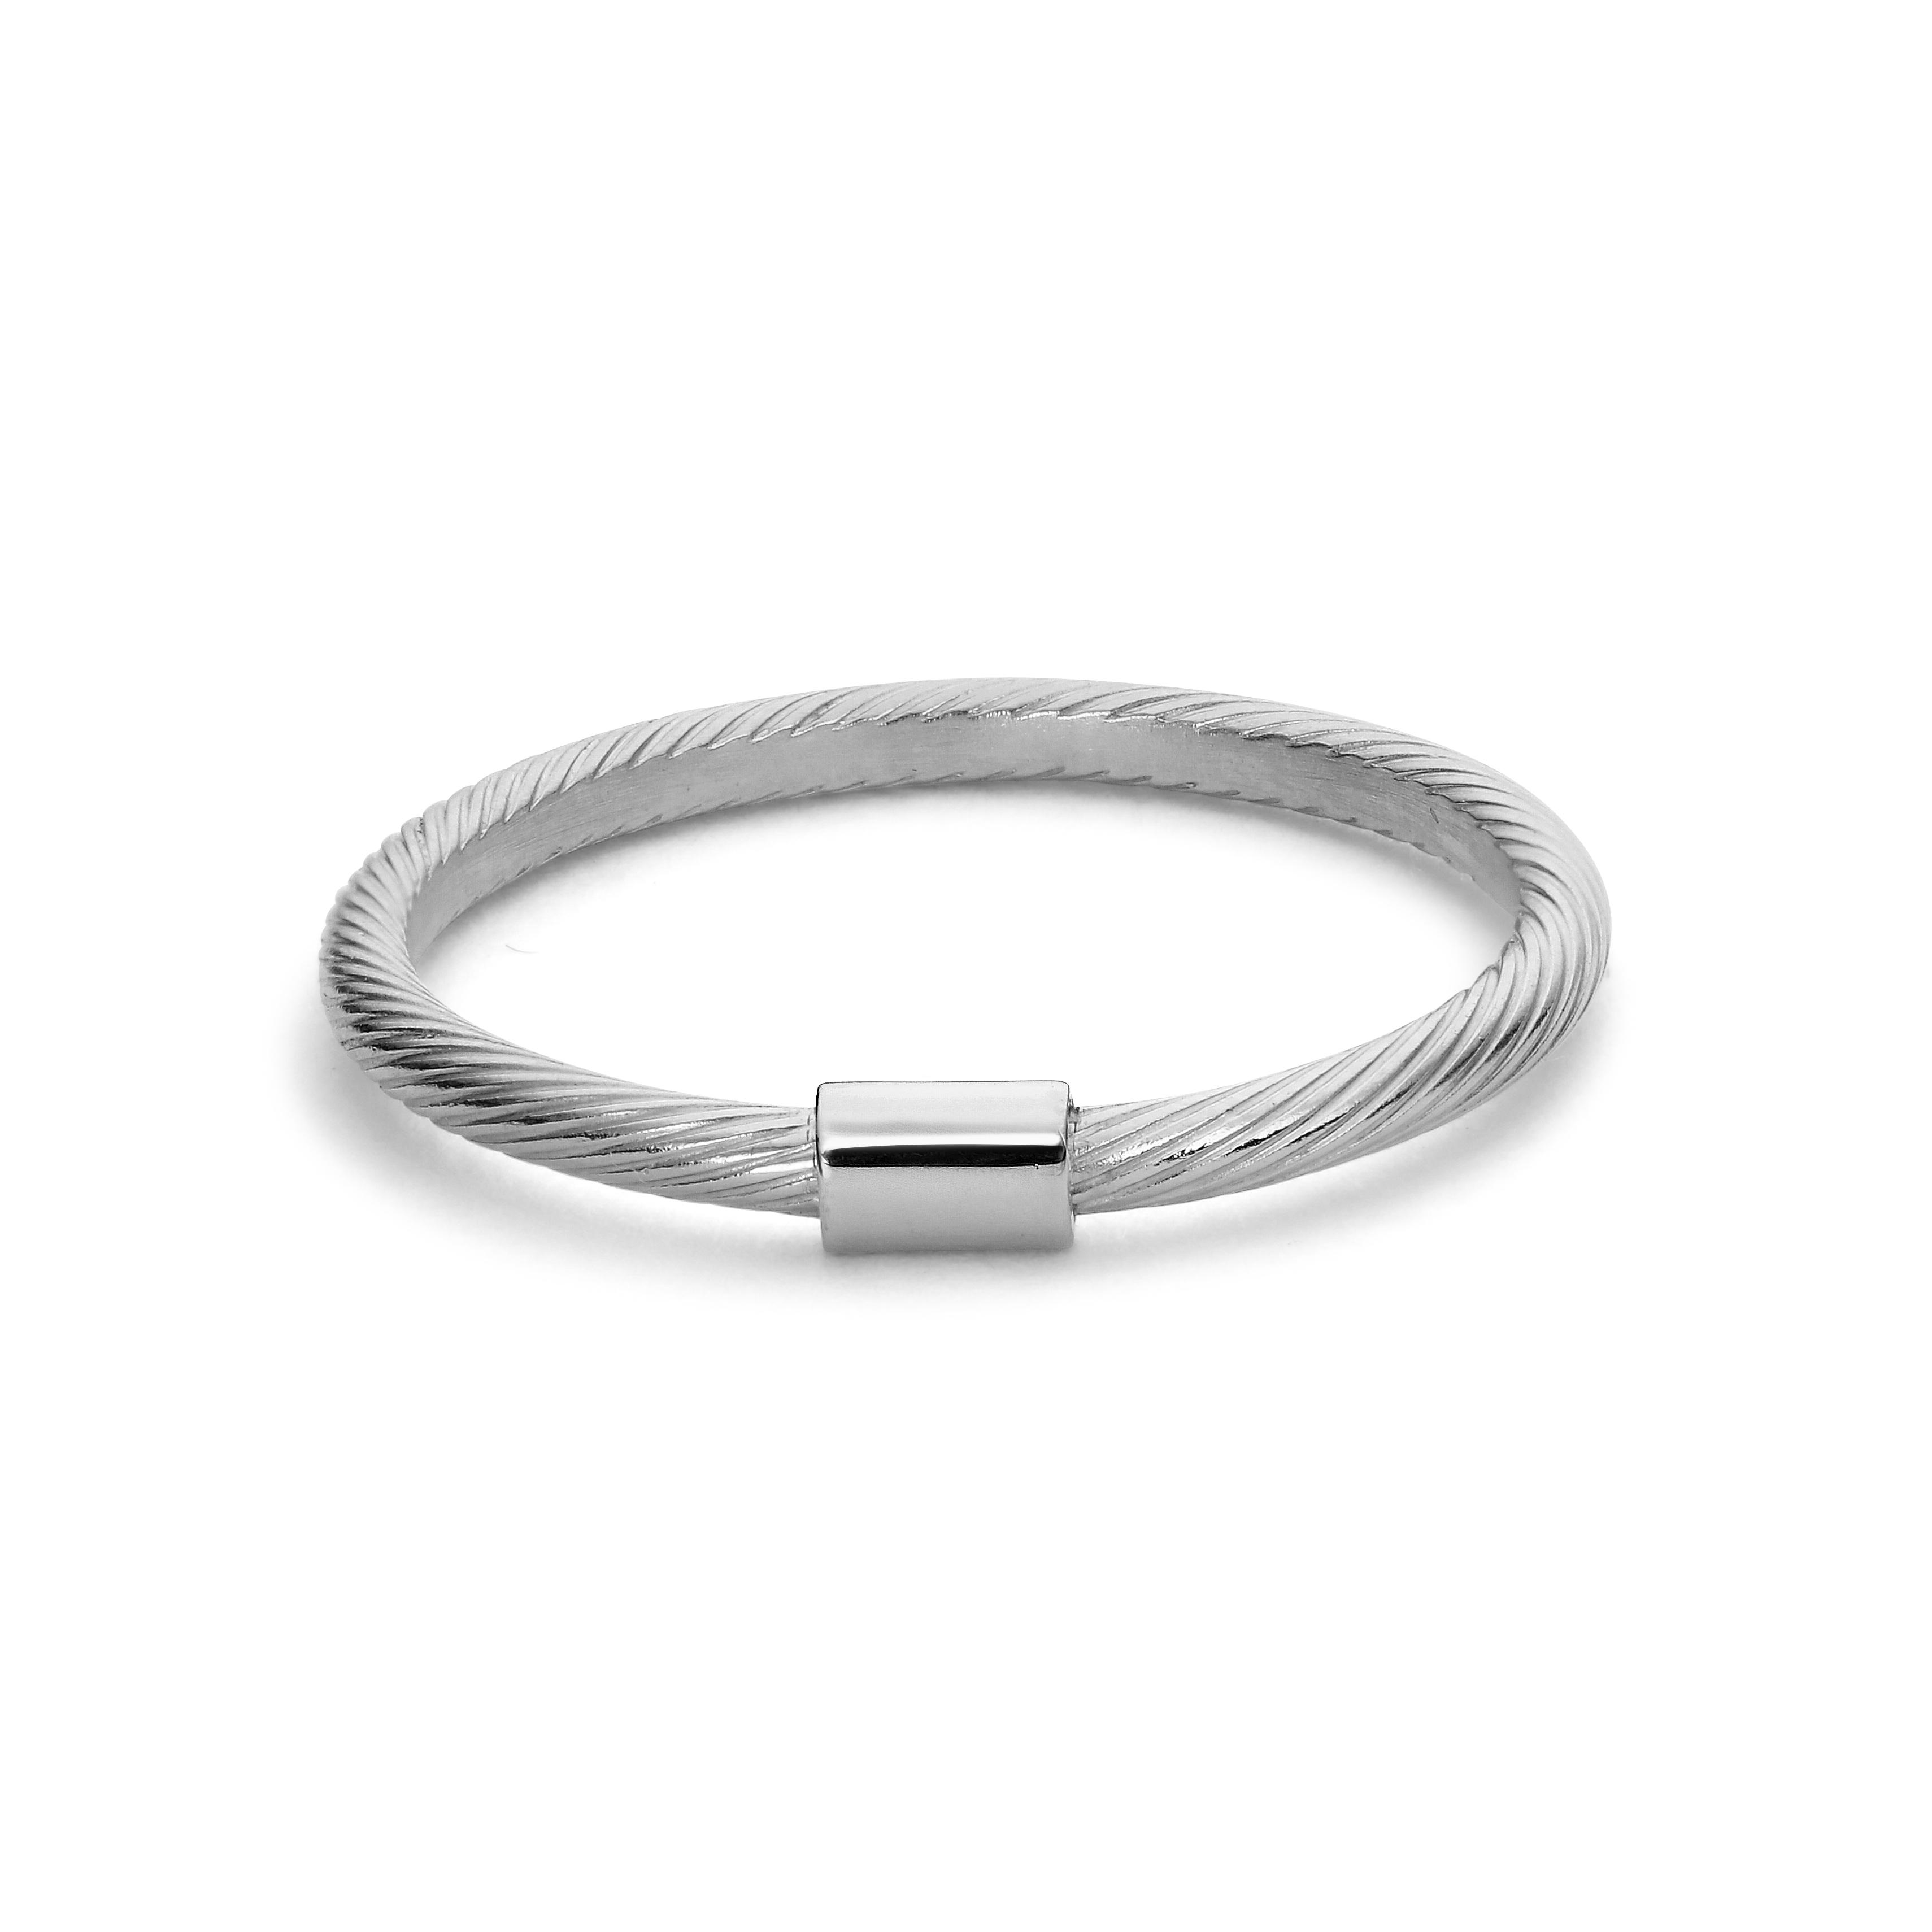 Jane Kønig Salon ring, sølv, 50